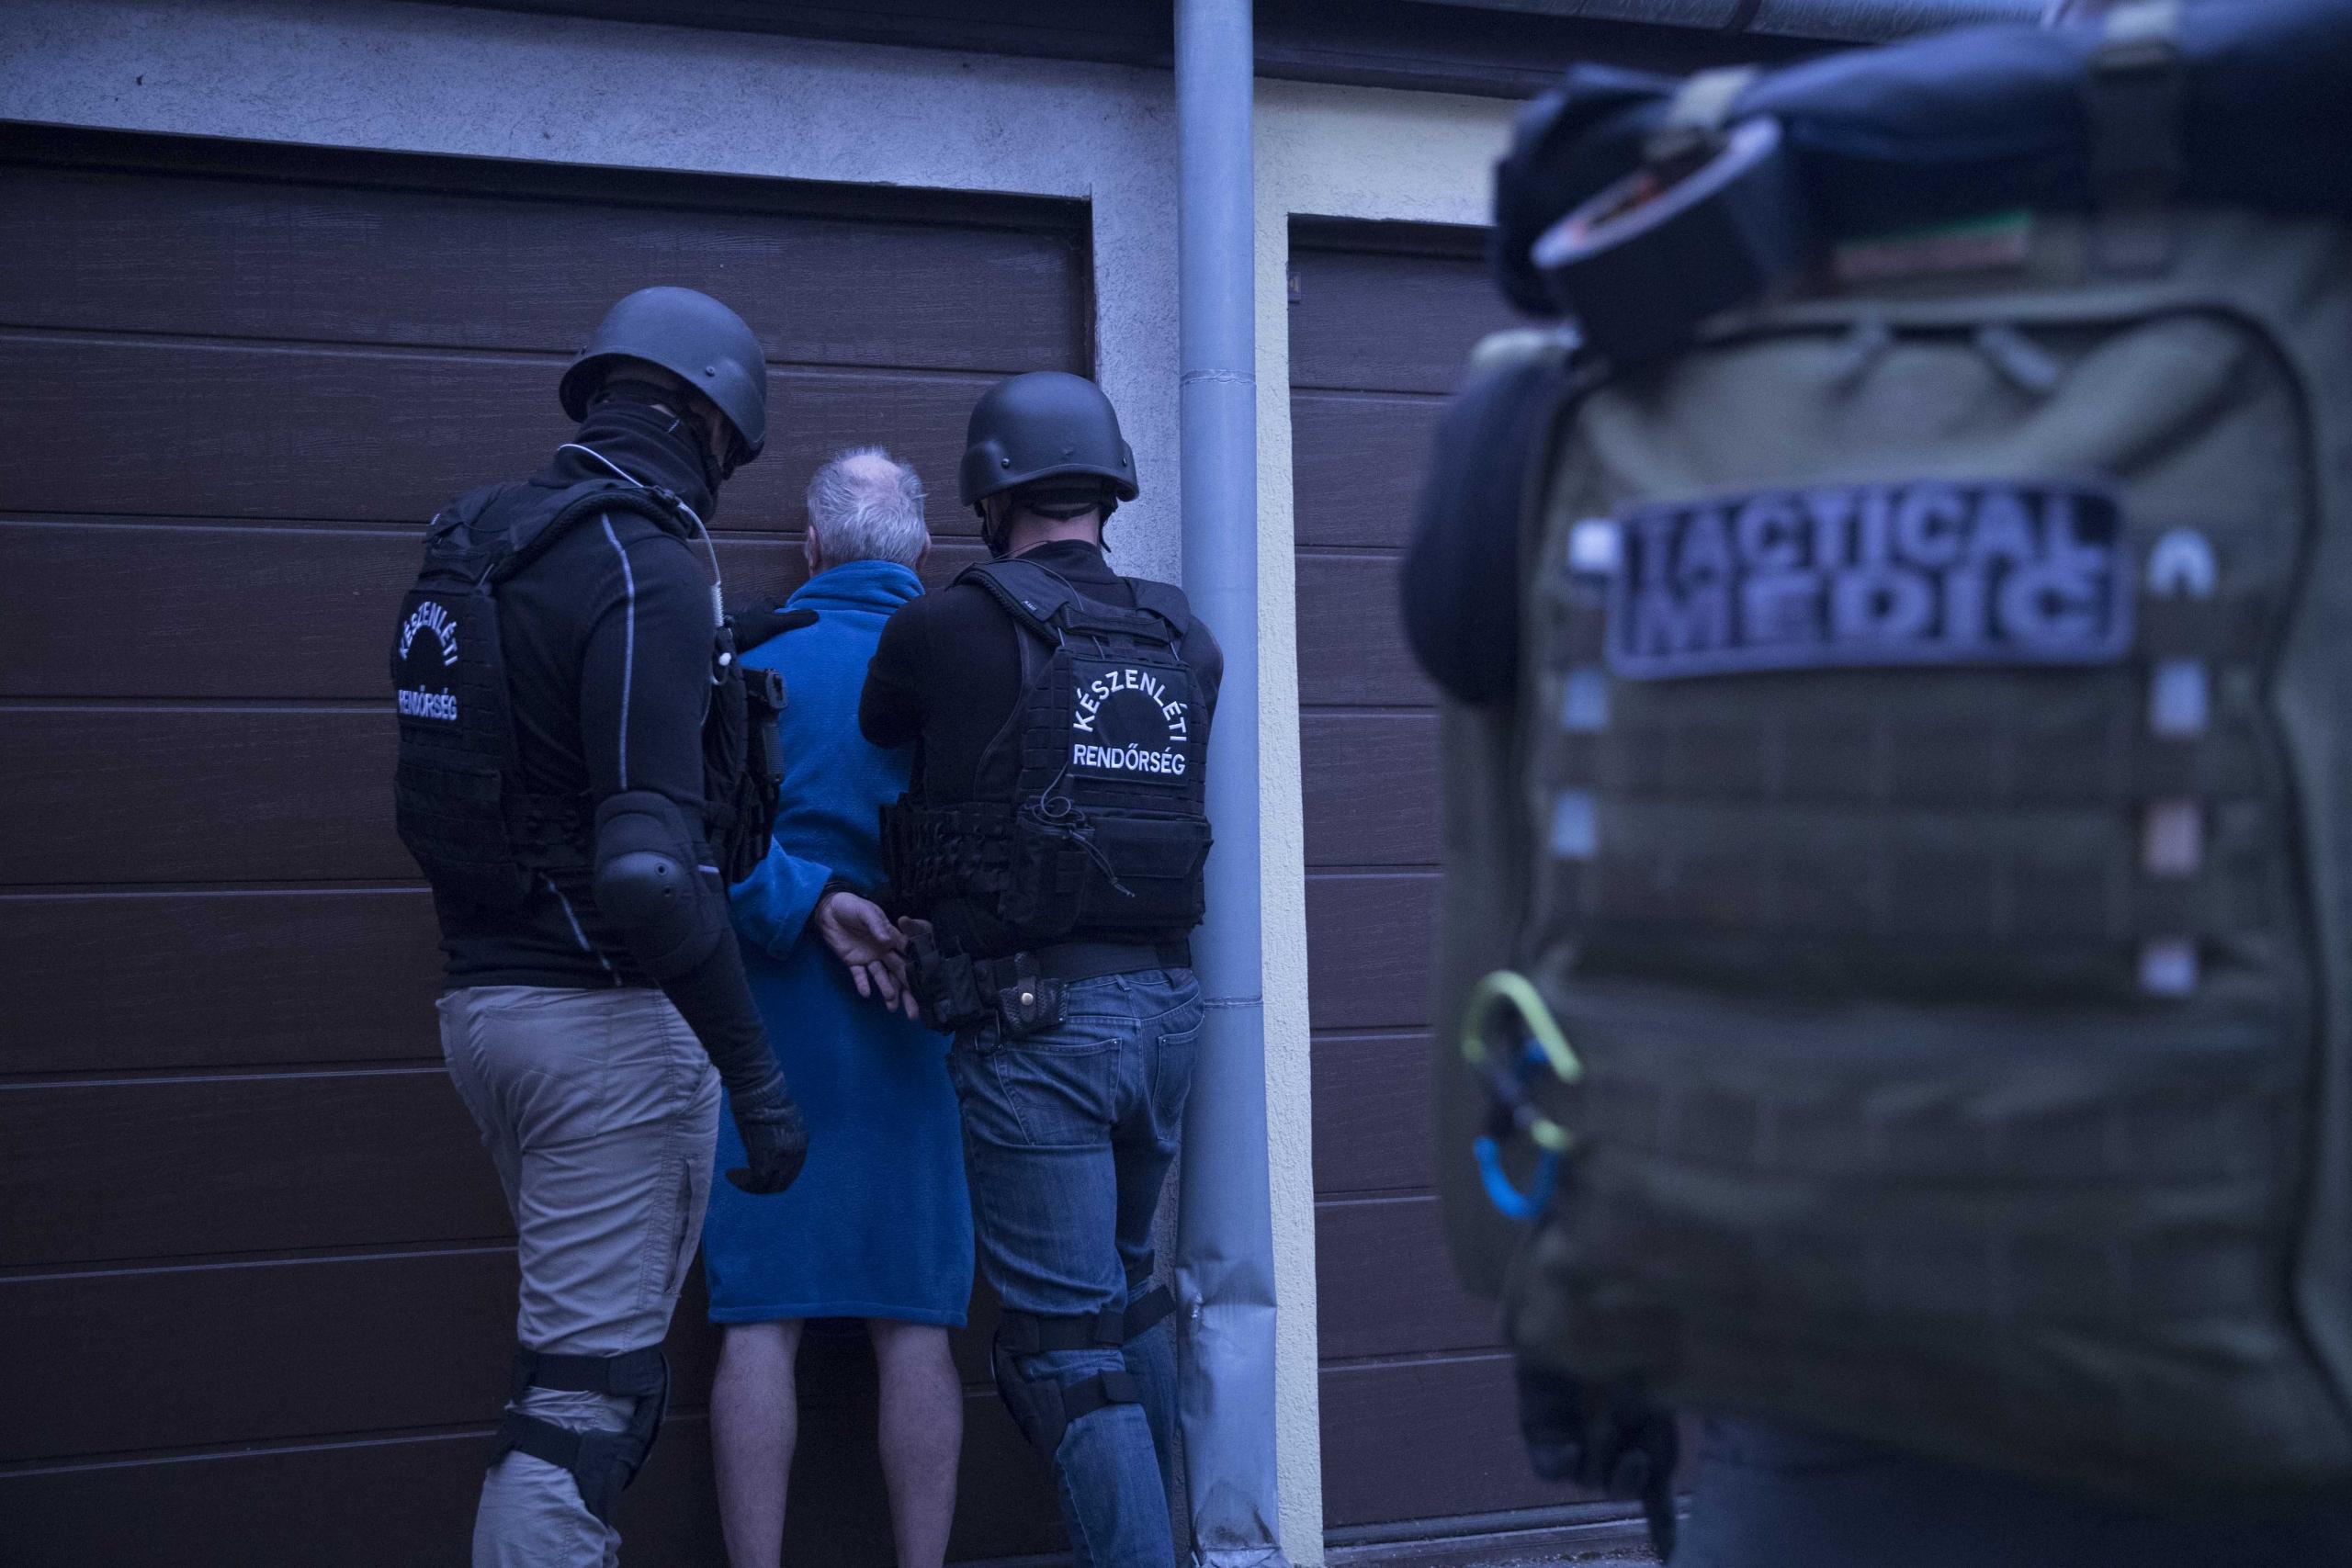 Lecsapott a rendőrség, köntösben vitték el a magyar bűnbanda fejét